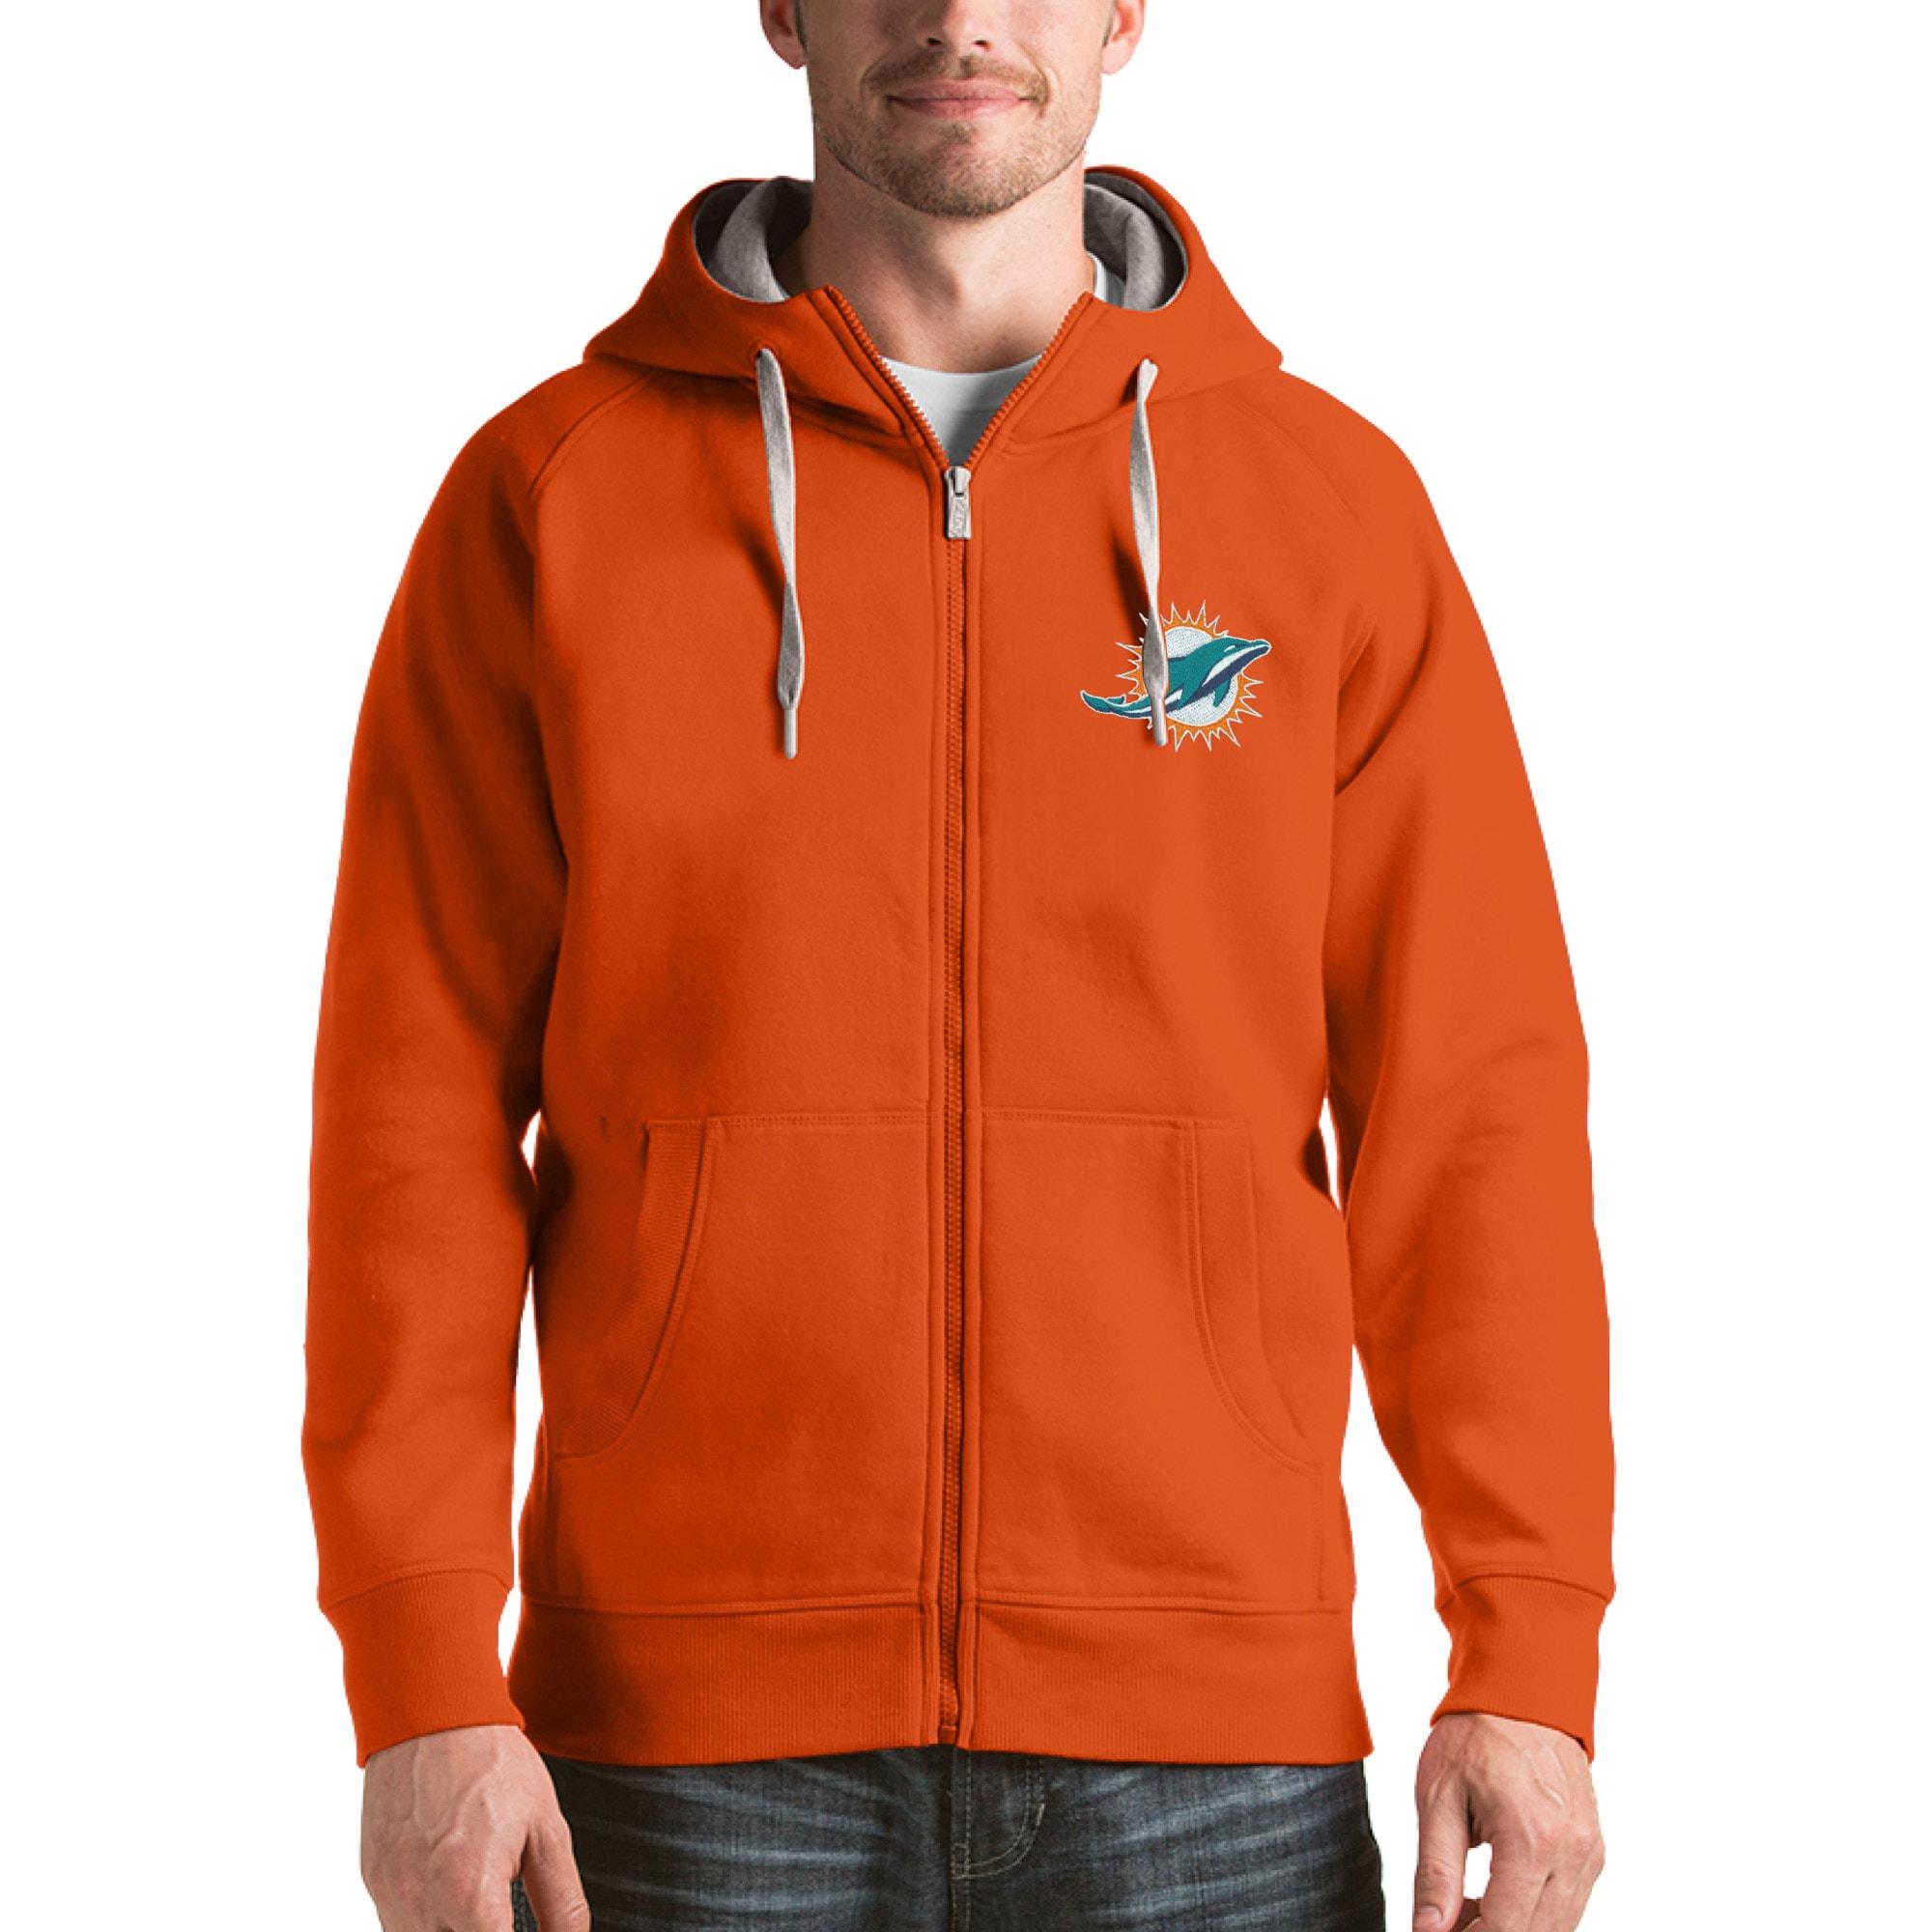 Miami Dolphins Antigua Victory Full-Zip Hoodie - Orange